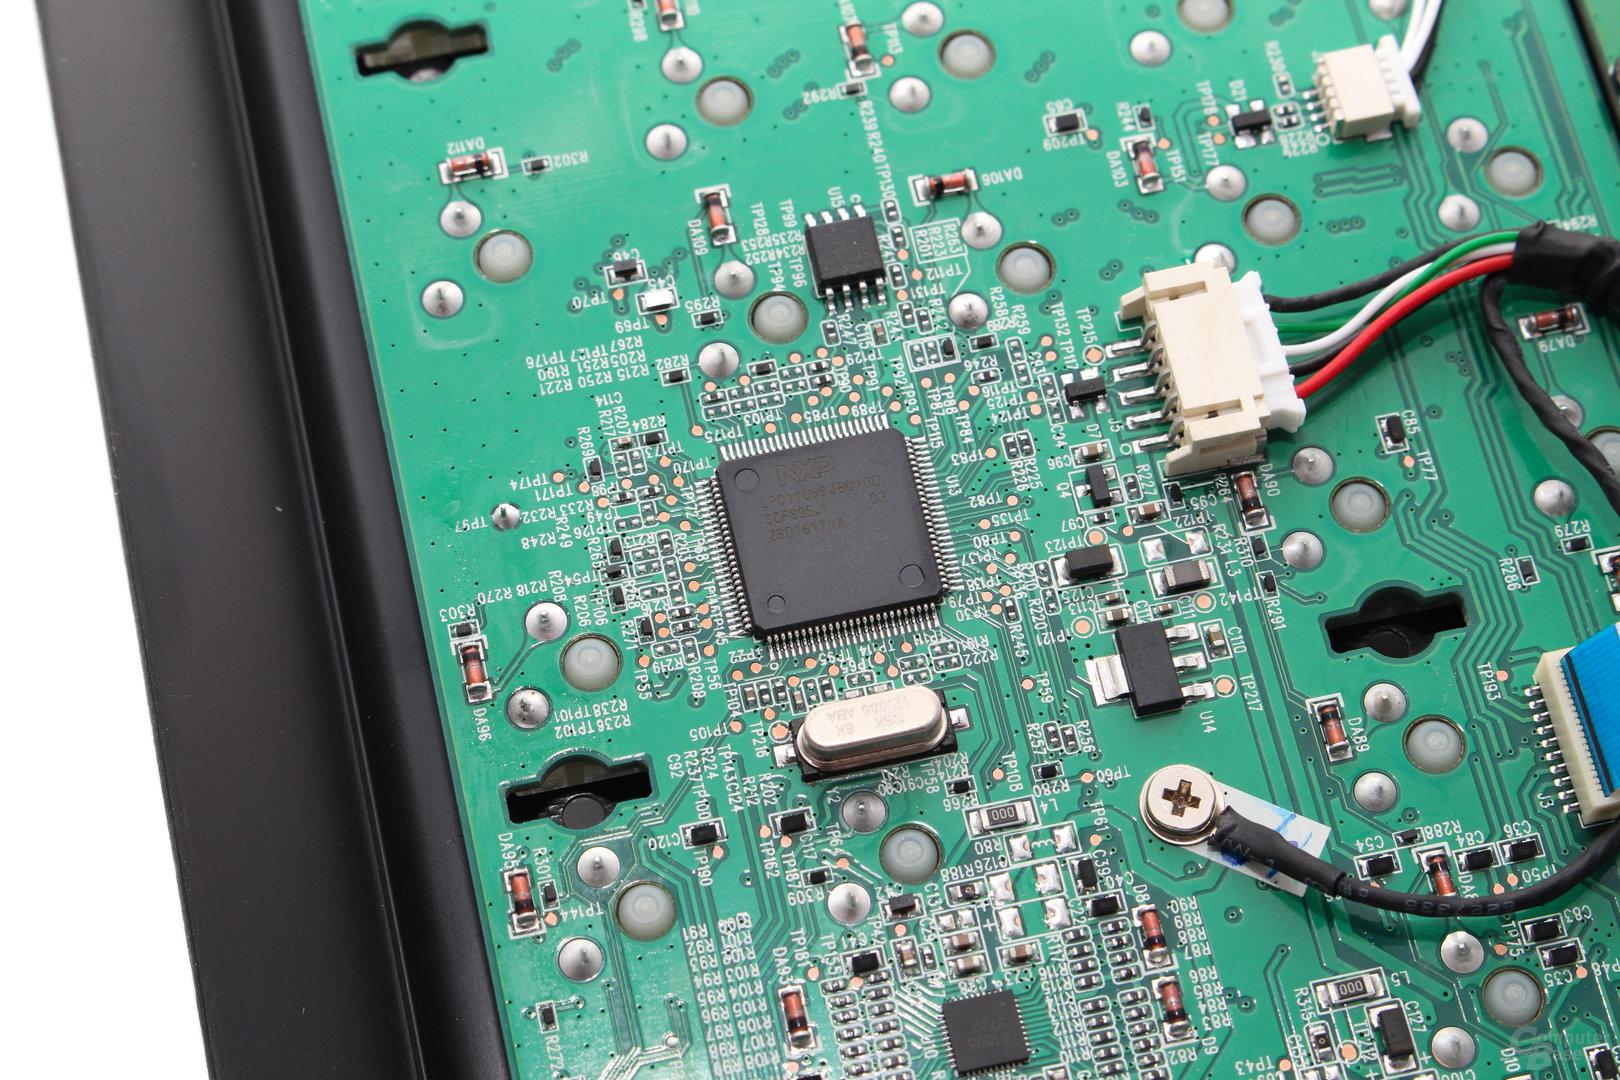 Der Mikrocontroller stammt von NXP (LPC11U68)